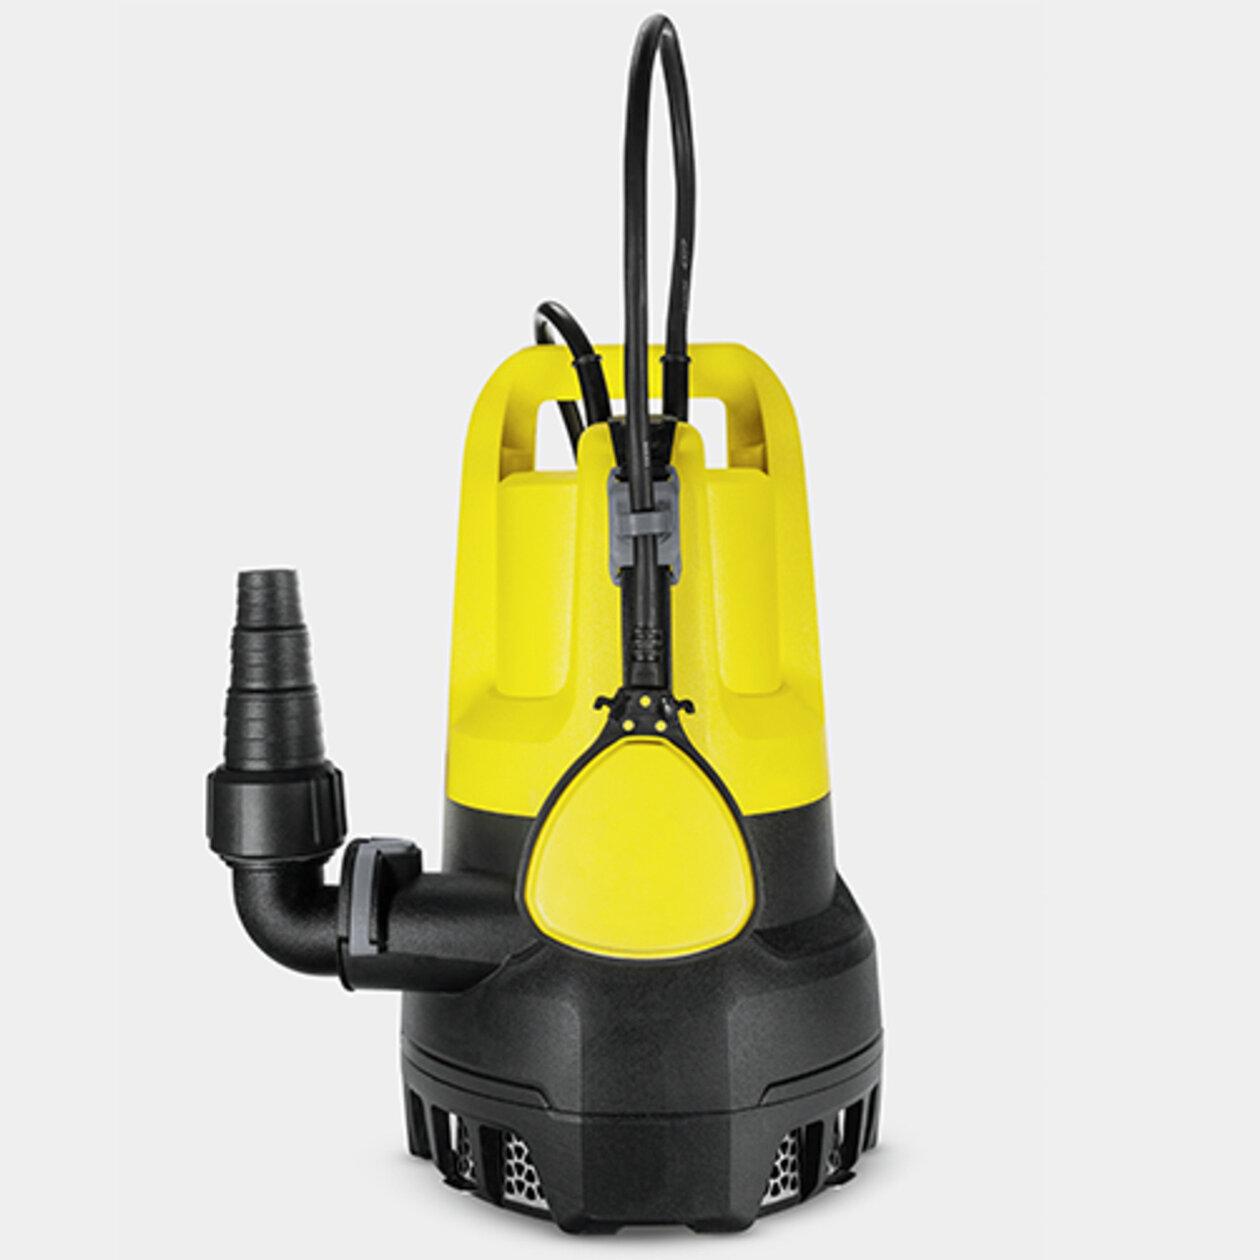 Kalové ponorné čerpadlo Kalové čerpadlo ponorné SP 7 Dirt: Výškovo prestaviteľný plavákový spínač